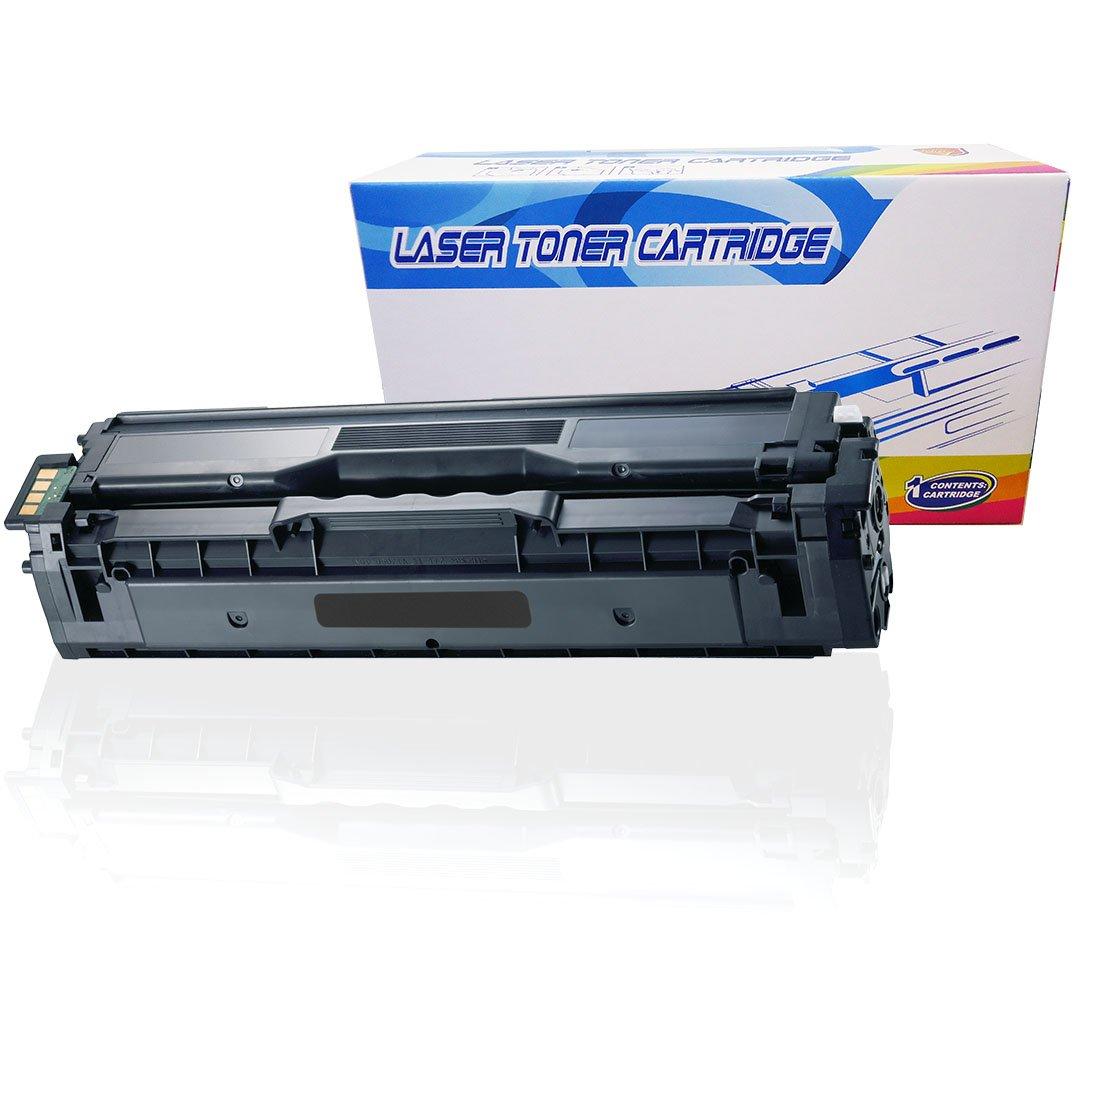 Inktoneram Compatible Toner Cartridge Replacement for Samsung 504S CLP415 CLP-415 CLT-K504S K504S CLP-415N CLP-415NW CLX-4195FW CLX-4195FN CLX-4195N SL-C1810W SL-C1860FW (Black)